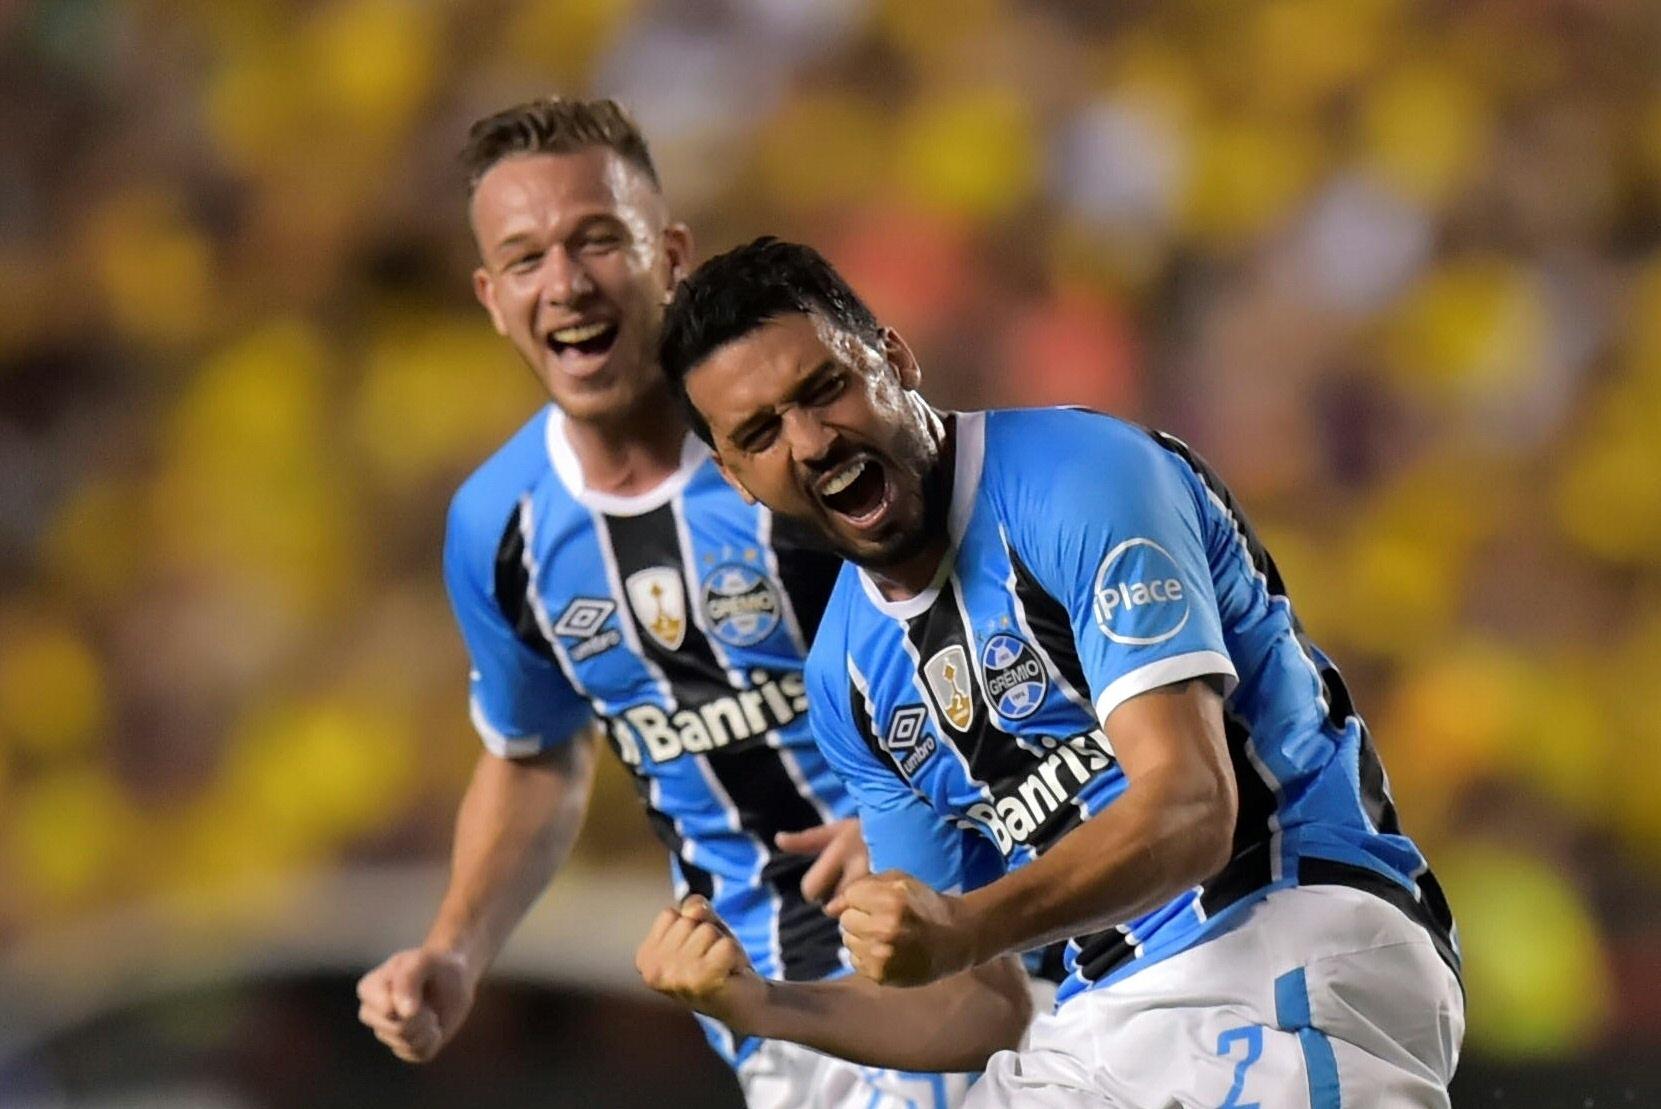 Grêmio reencontra Edilson e Cruzeiro após troca  sem saudades  - 14 04 2018  - UOL Esporte 5d58c5423d2e3